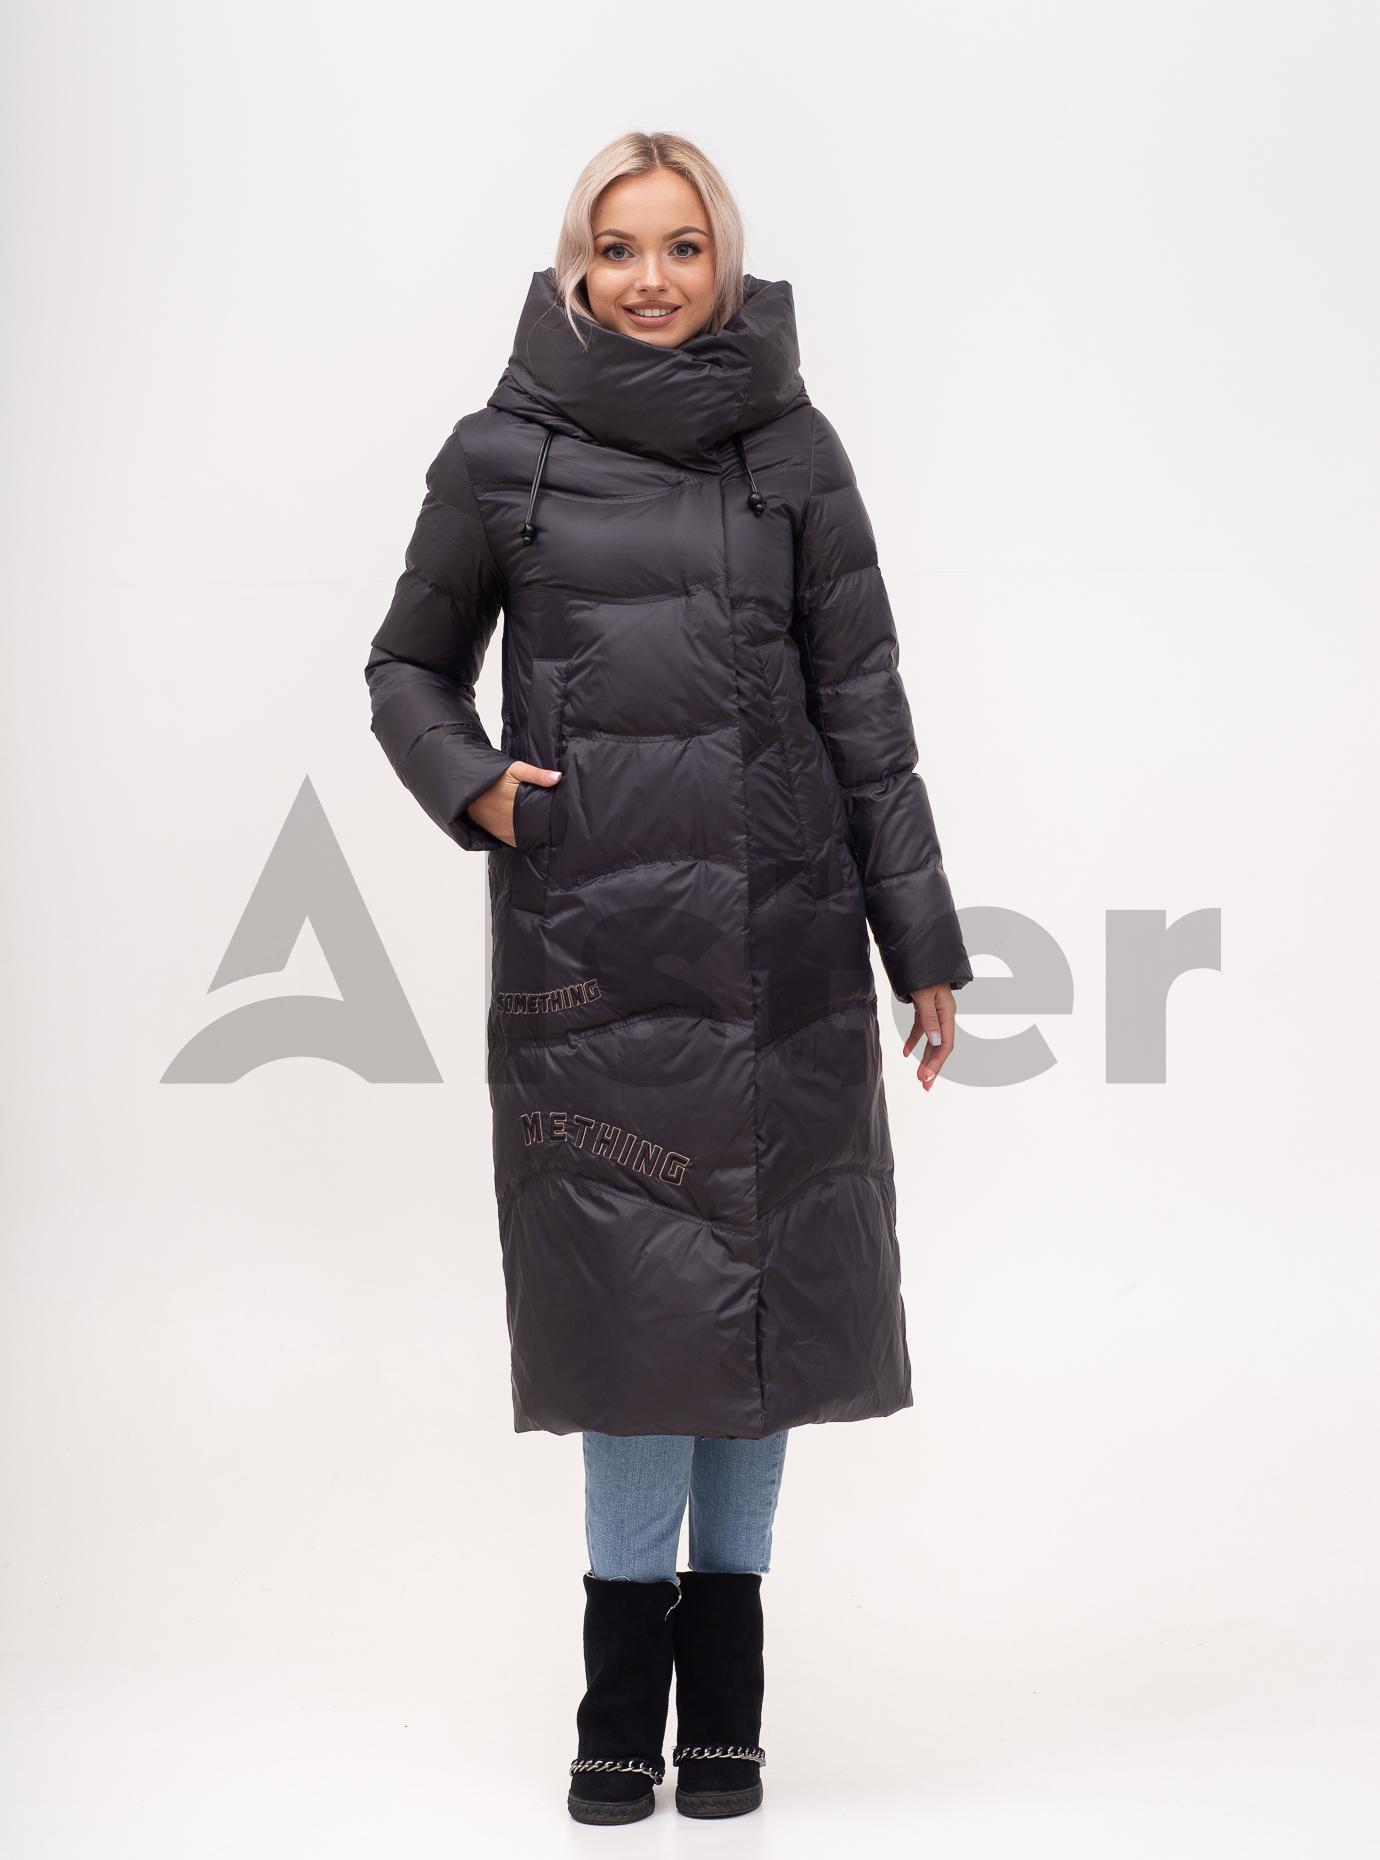 Пуховик зимовий довгий прямий Графітовий S (02-N200579): фото - Alster.ua